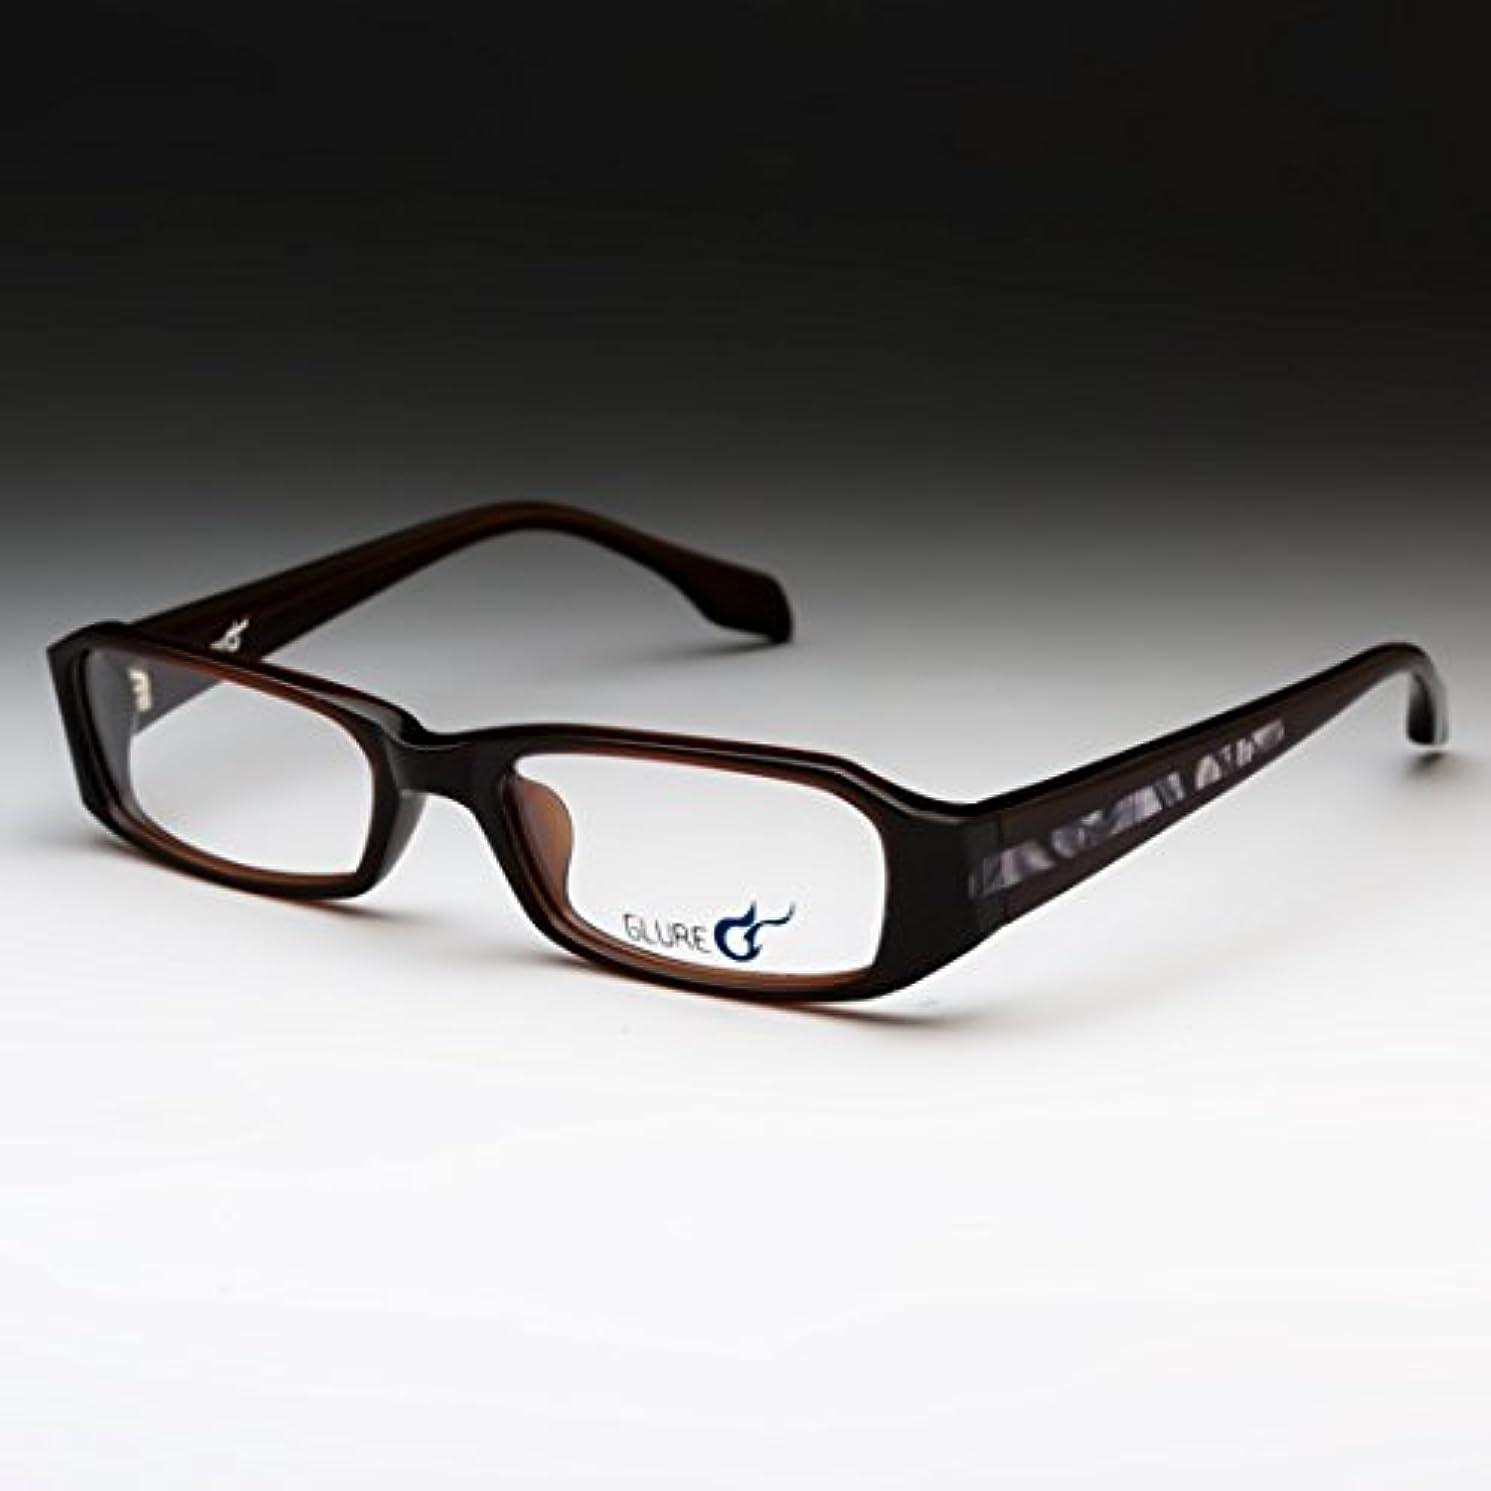 セマフォに他の場所グルール(GLURE) 老眼鏡 かっこいい スクエア ブラウン メンズ ケース付き SP30C5 (度数+2.00)